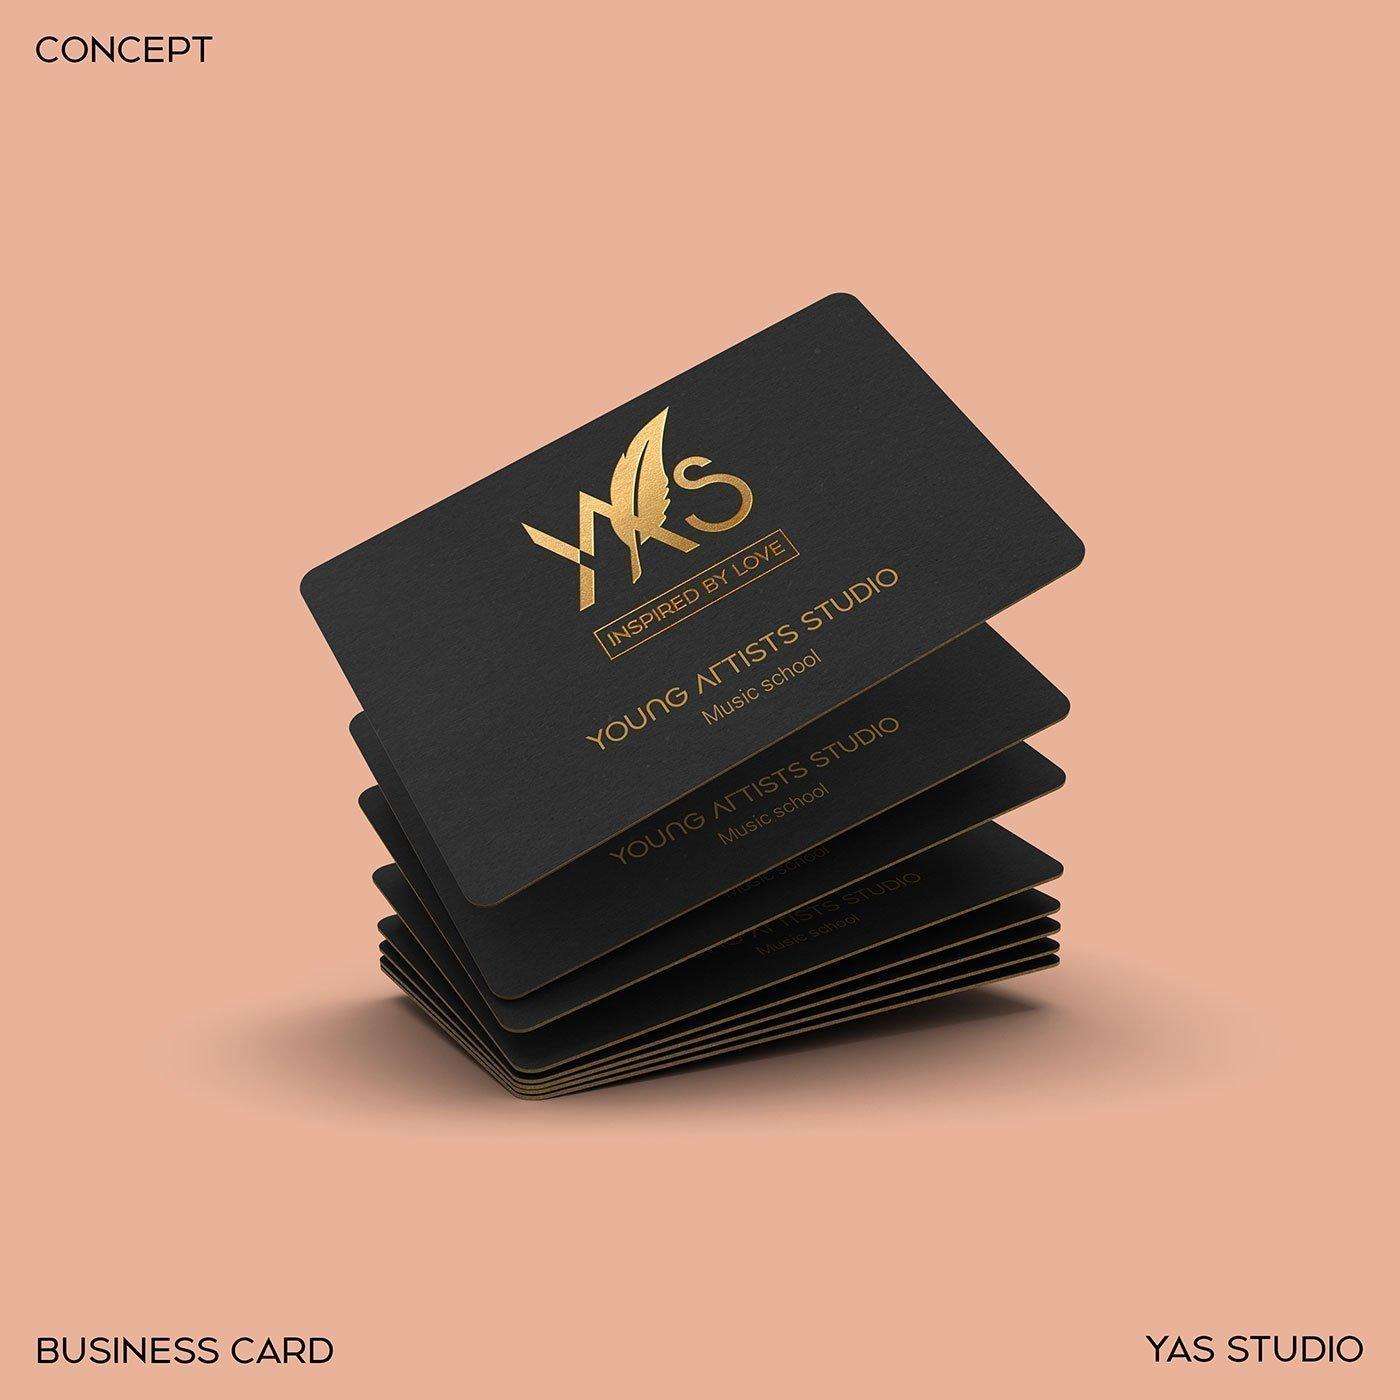 danh thiếp YAS Young Artists Studio-quảng-bá-thương-hiệu-thiết-kế-branding-cho-thương-hiệu YAS-xây-dựng-logo-doanh-nghiệp-thiết-kế-ấn-phẩm-quảng-cáo-thương-hiệu-thiết-kế-Helixgram